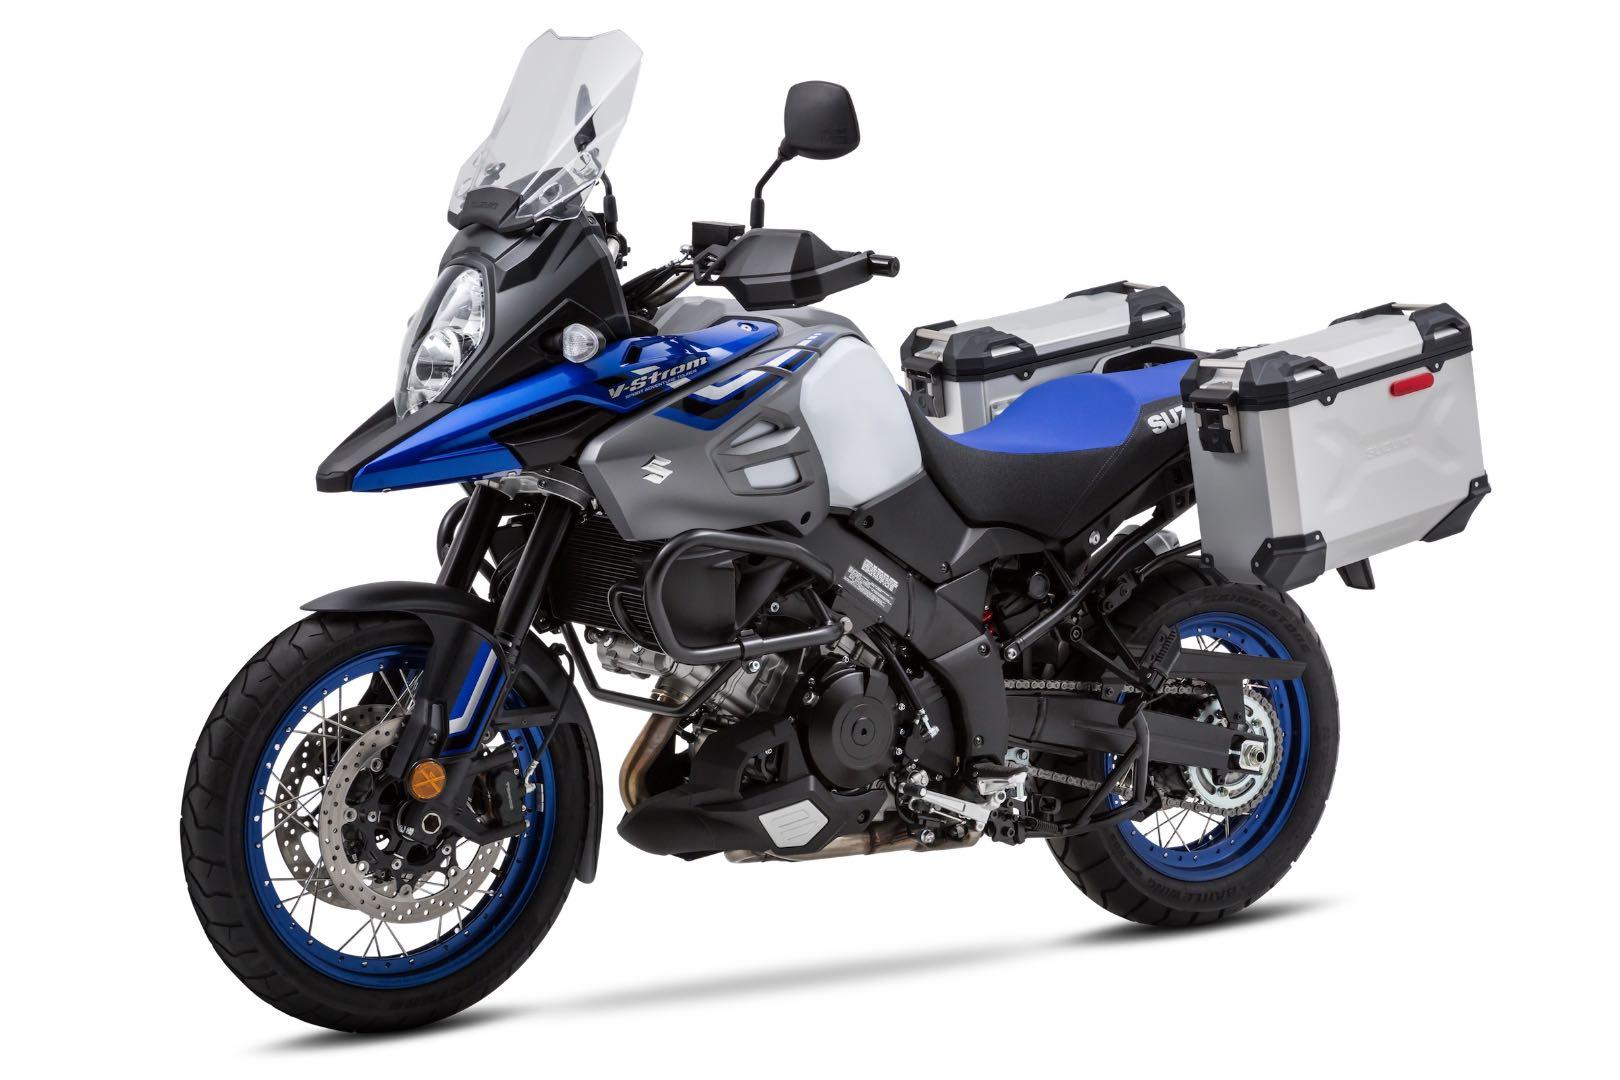 2019 Suzuki V-Strom 1000XT Adventure specs